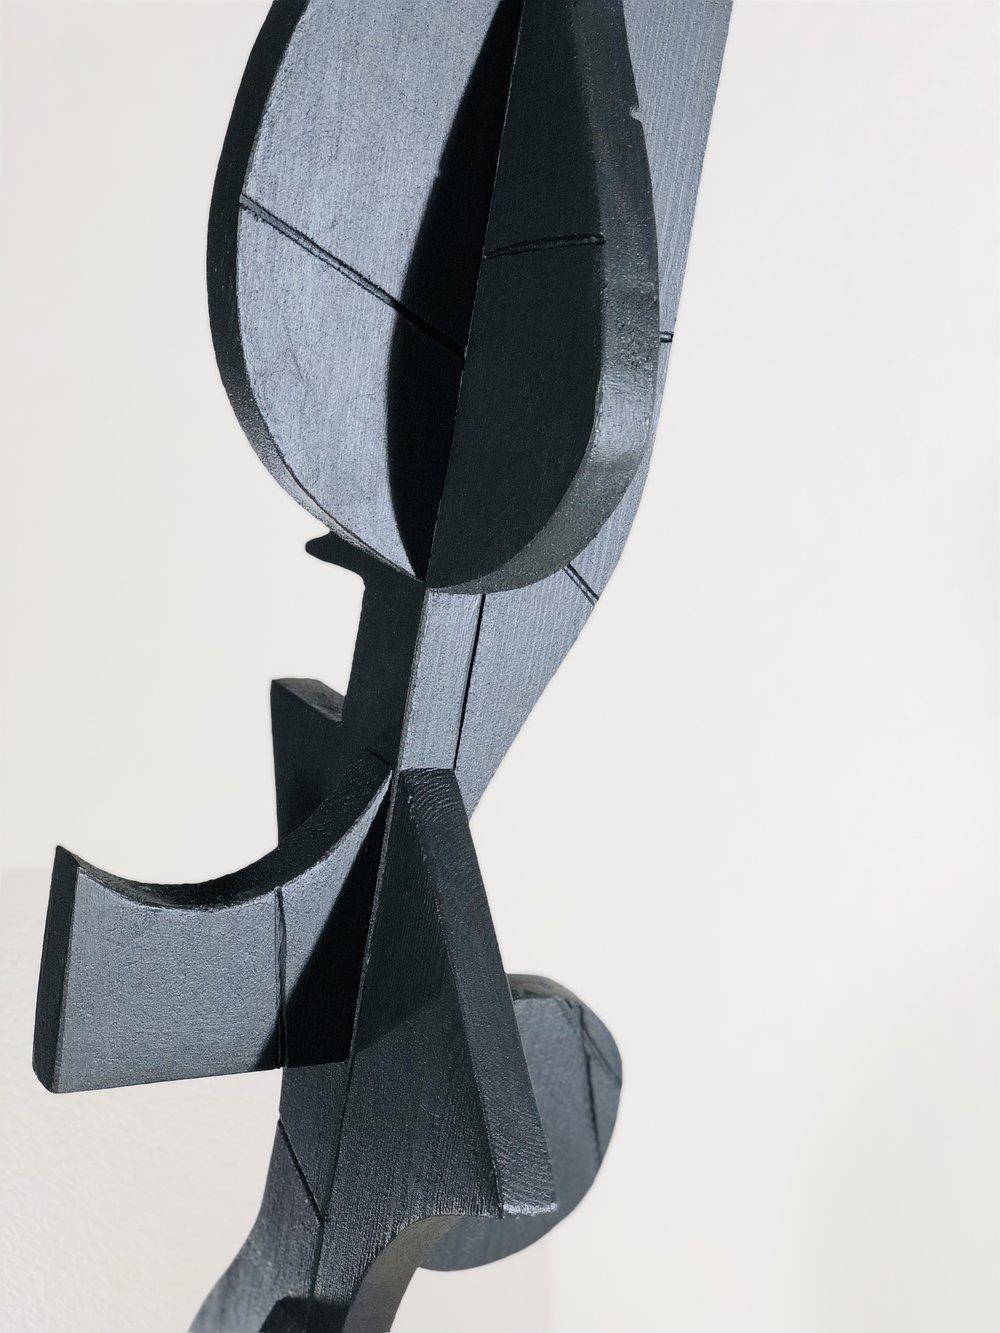 Sculpture001-Detail1.jpg